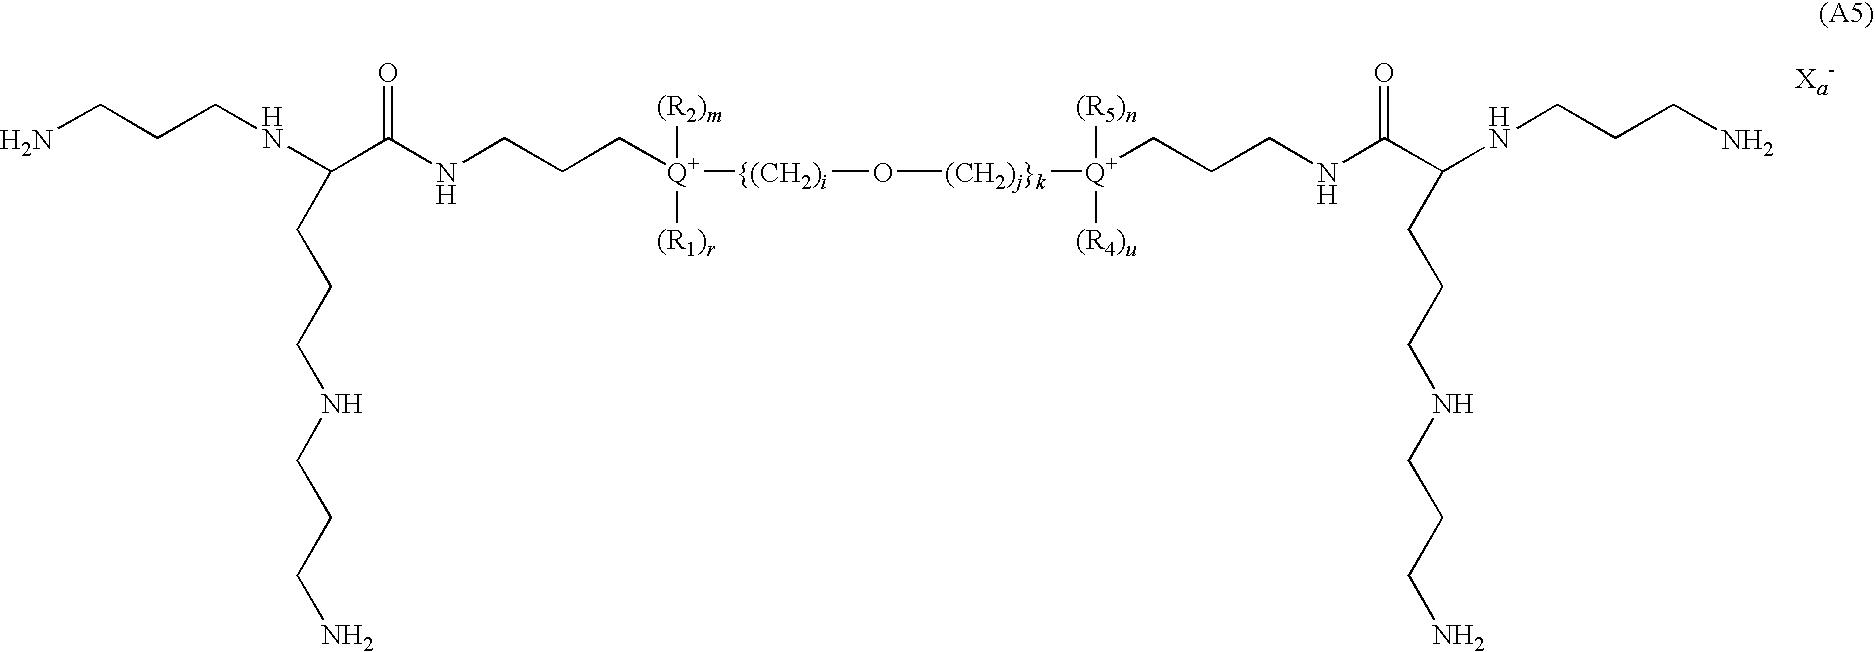 Figure US07915450-20110329-C00018